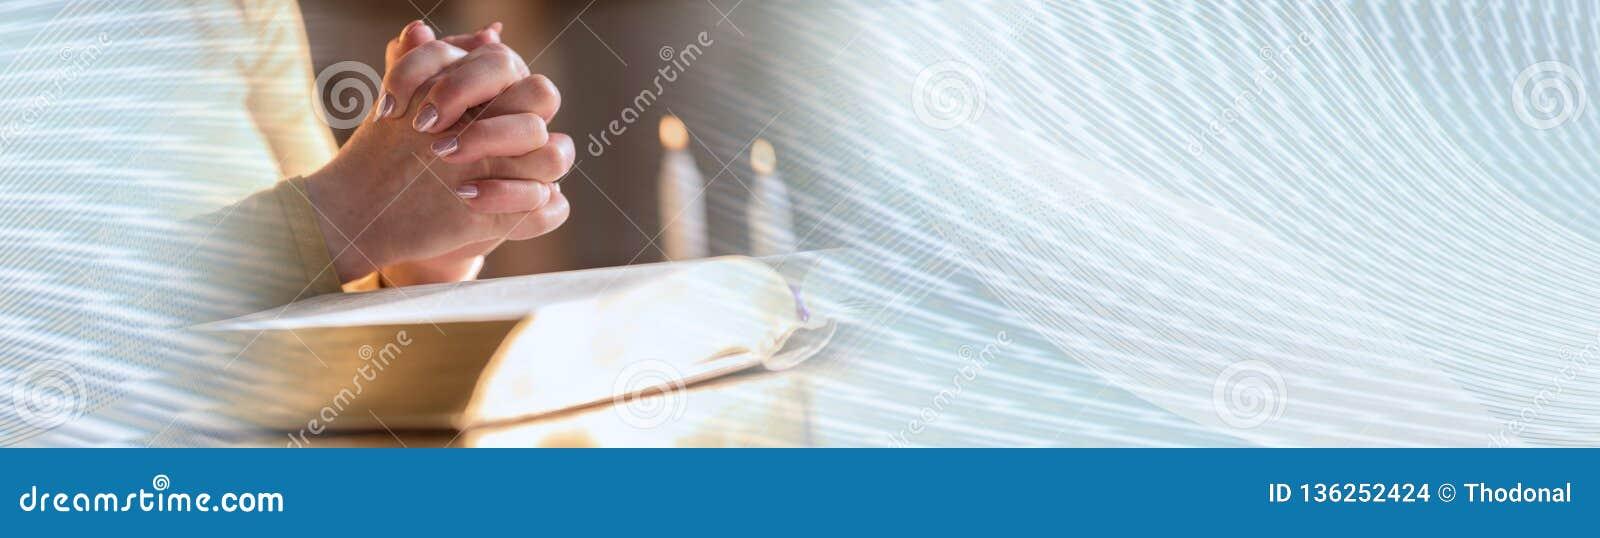 Femme priant avec ses mains au-dessus de la bible, lumière dure Drapeau panoramique